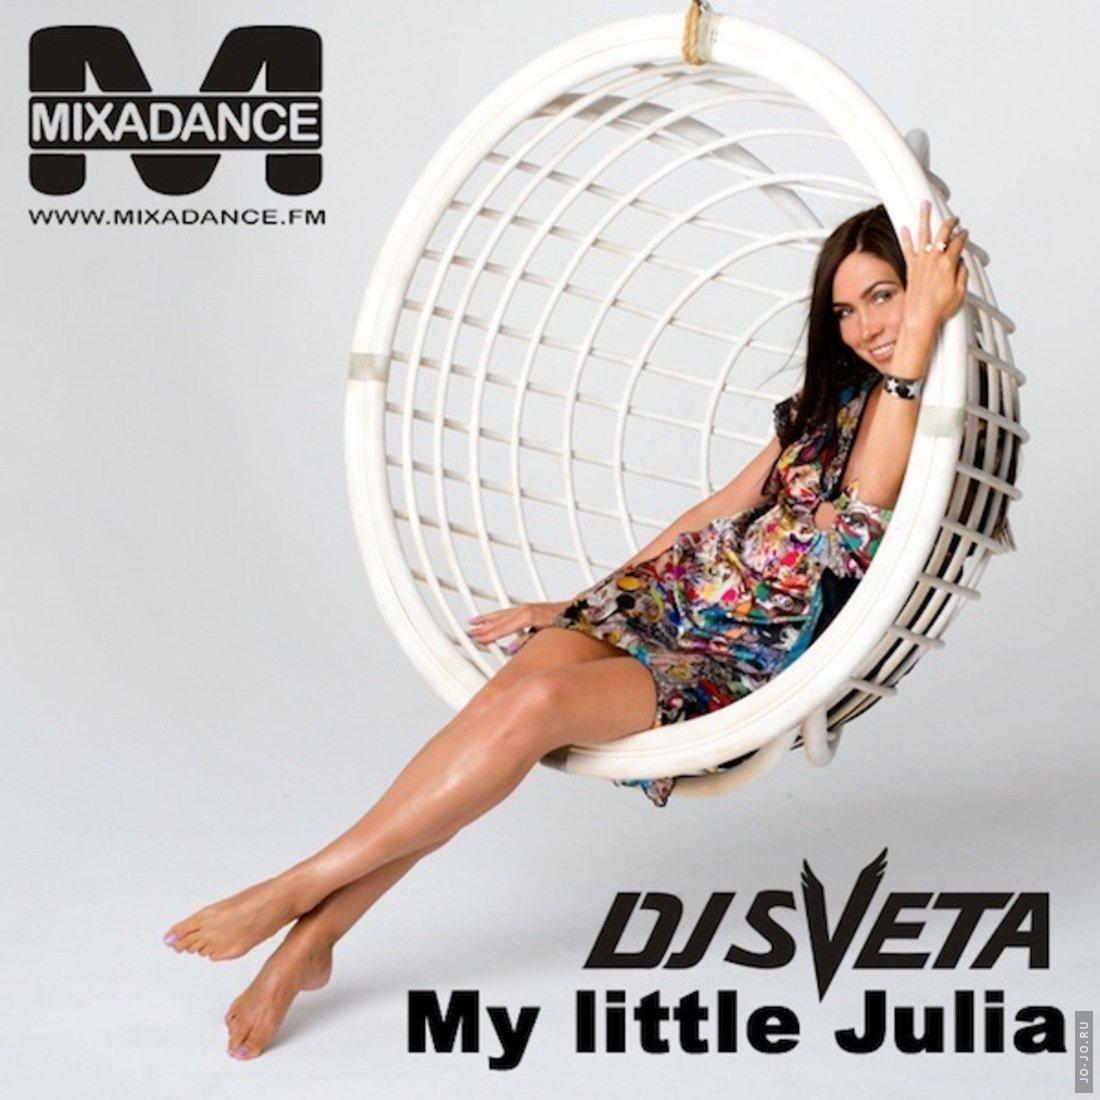 Регистрация на сайте. dj Sveta - My Little Julia (2014).